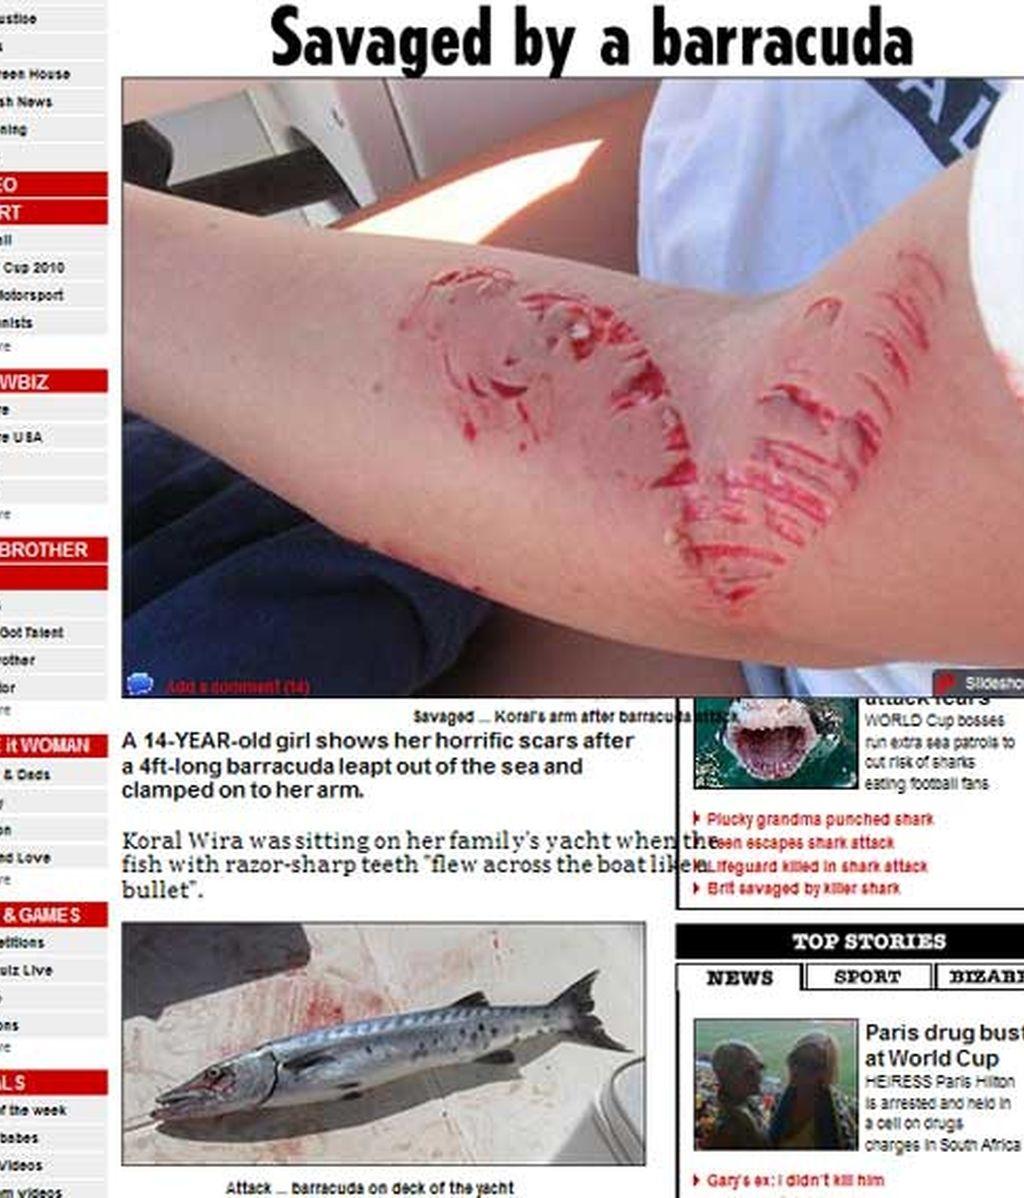 La barracuda le dejó una gran marca en el brazo de Koral